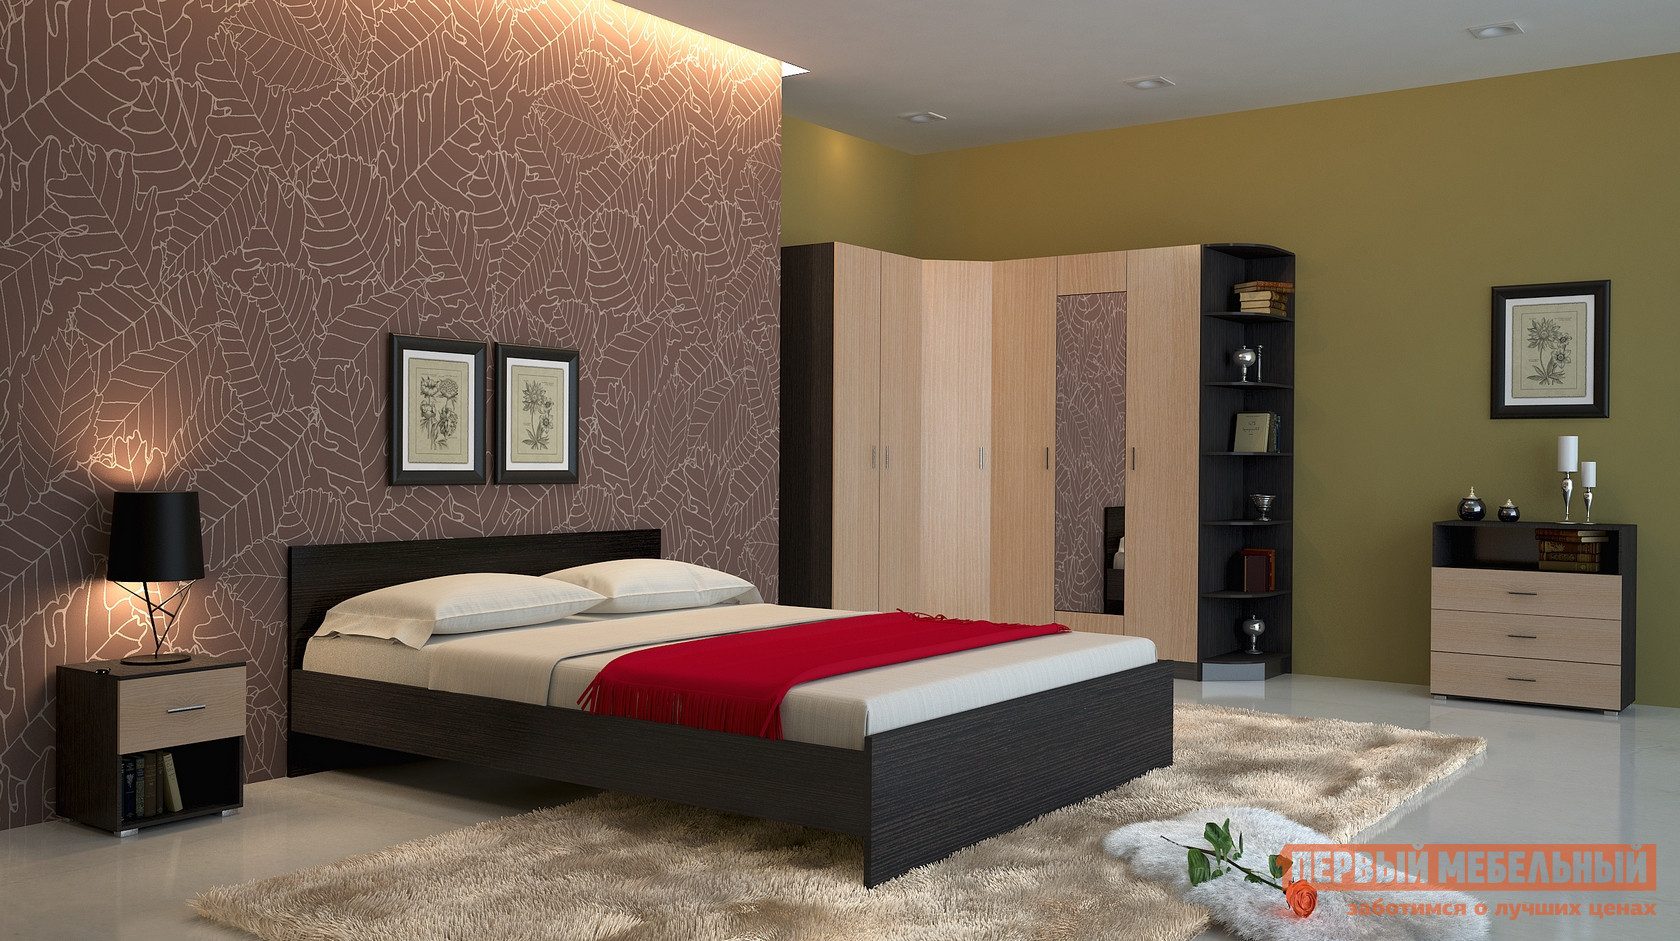 Спальный гарнитур НК-Мебель Паулина К1 спальный гарнитур орматек этюд к1